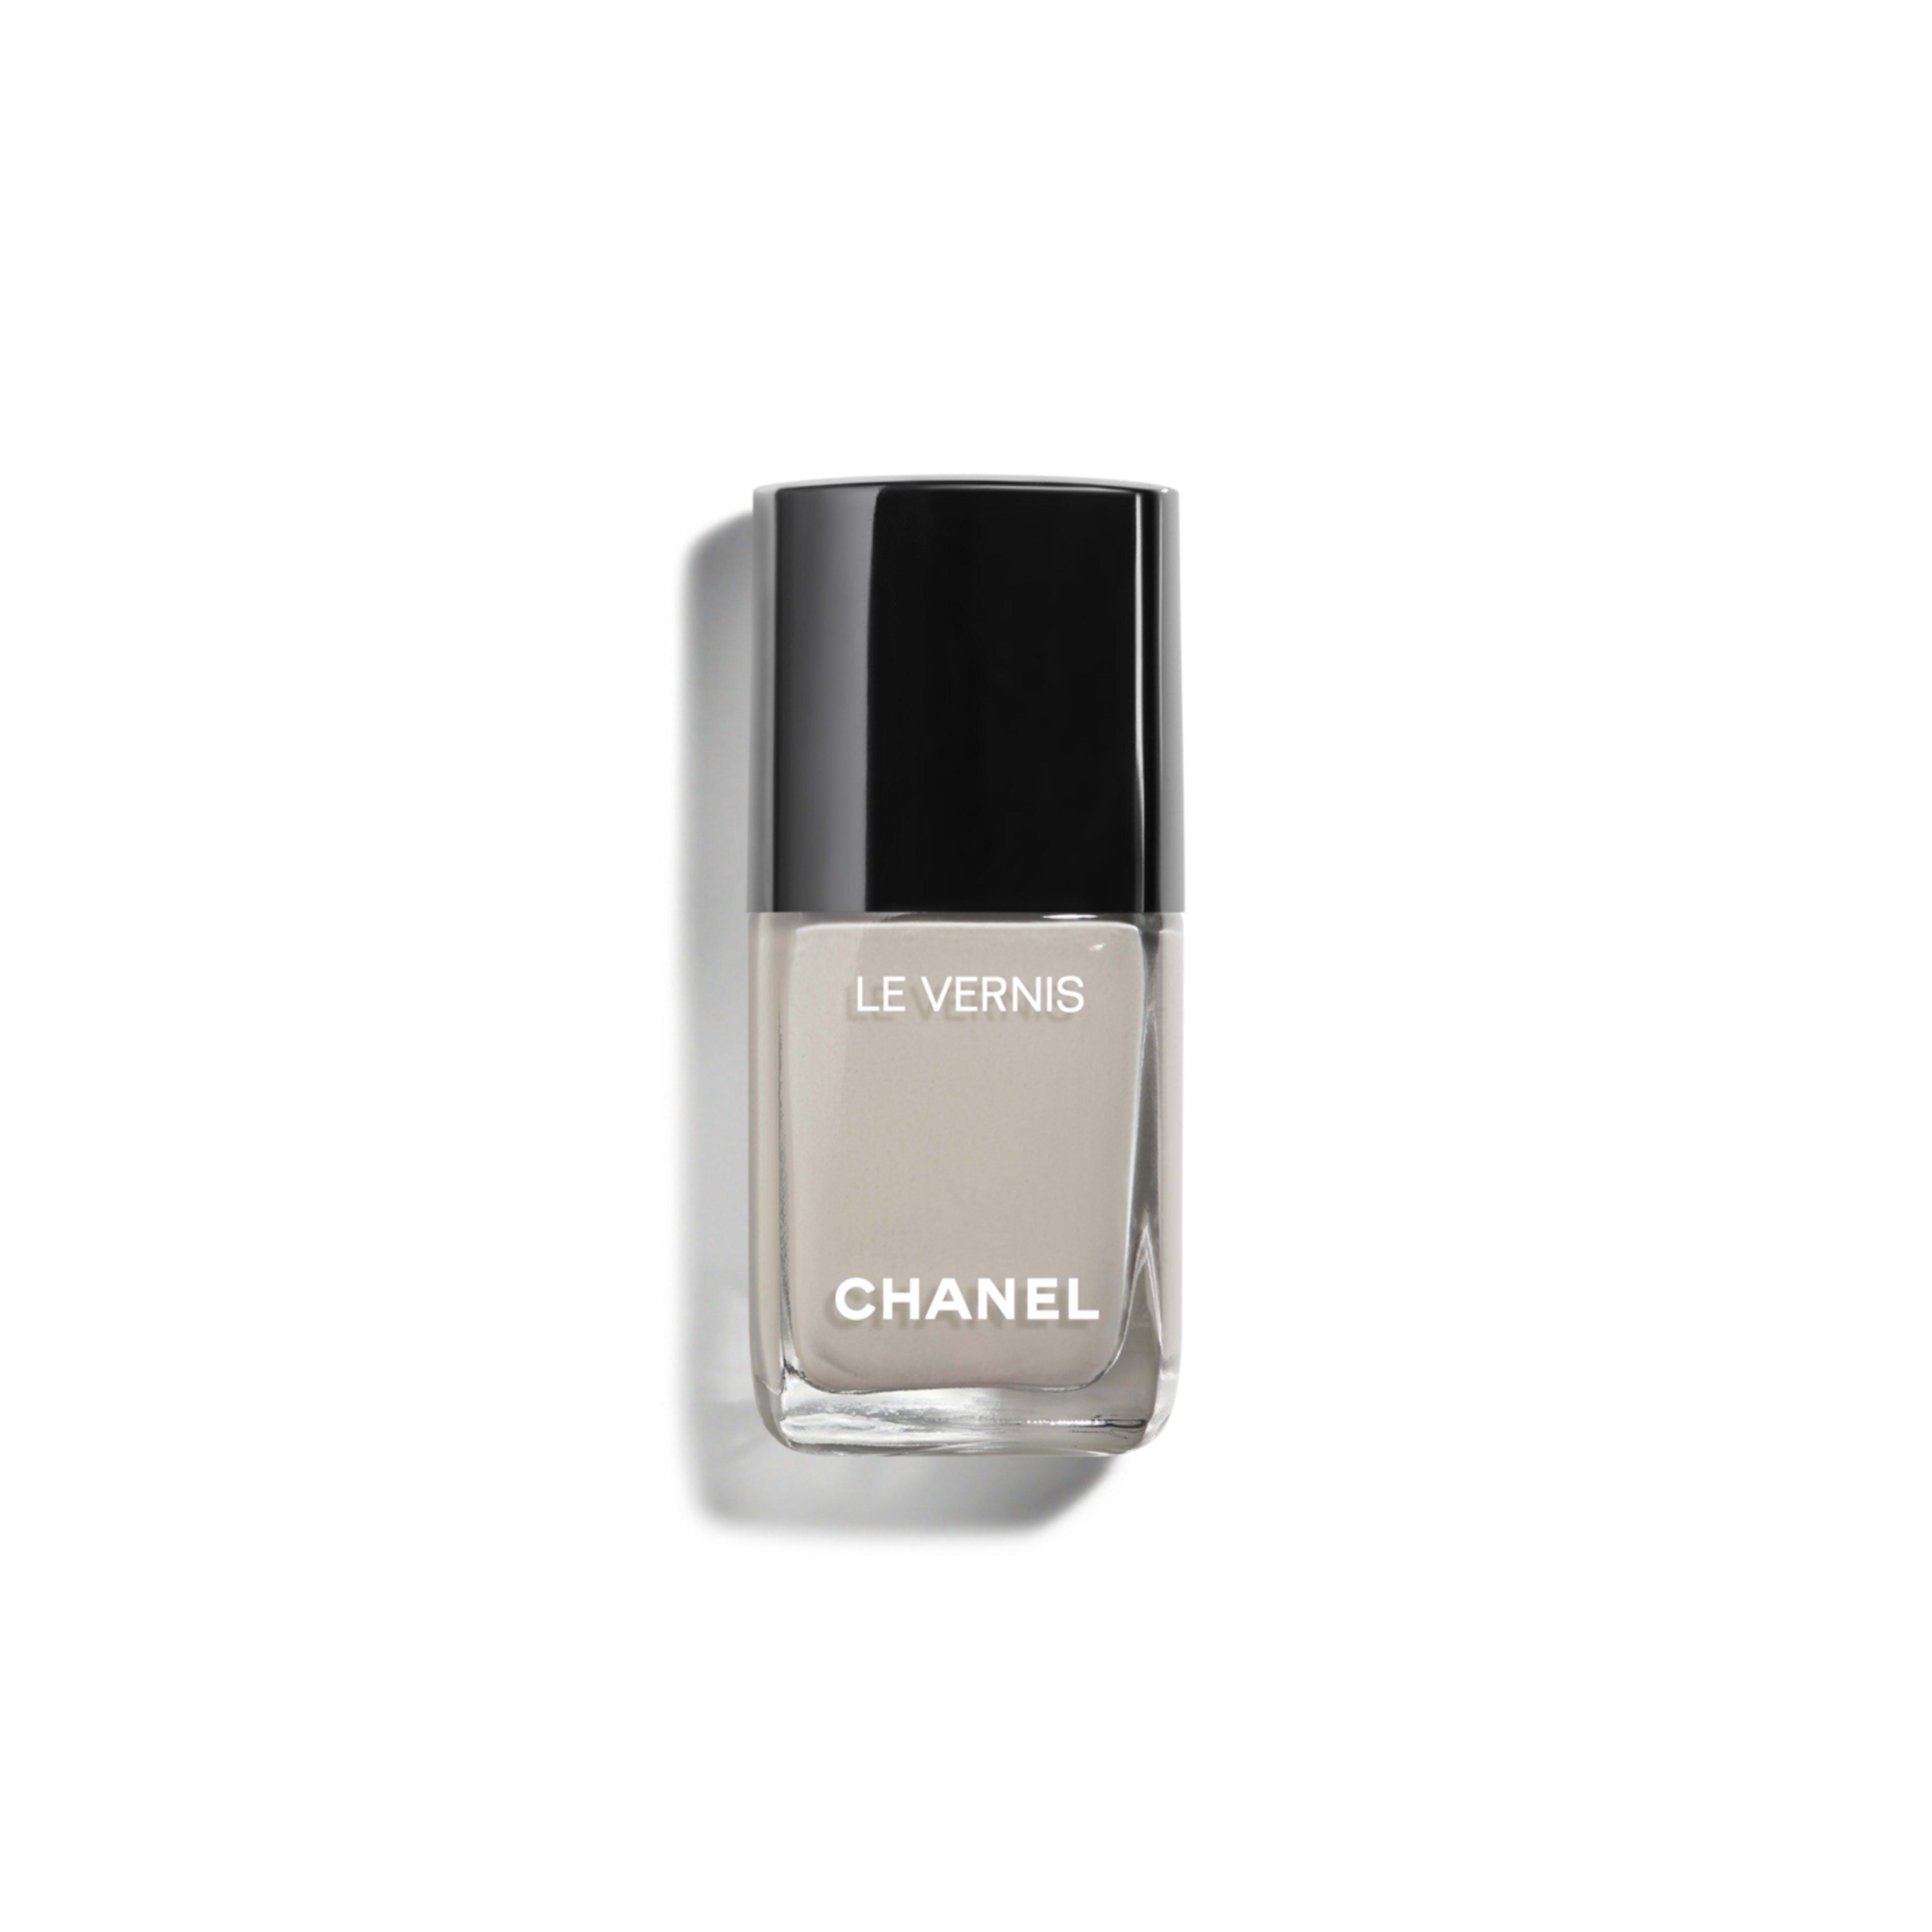 LE VERNIS Longwear Nail Colour 522 - MONOCHROME | CHANEL